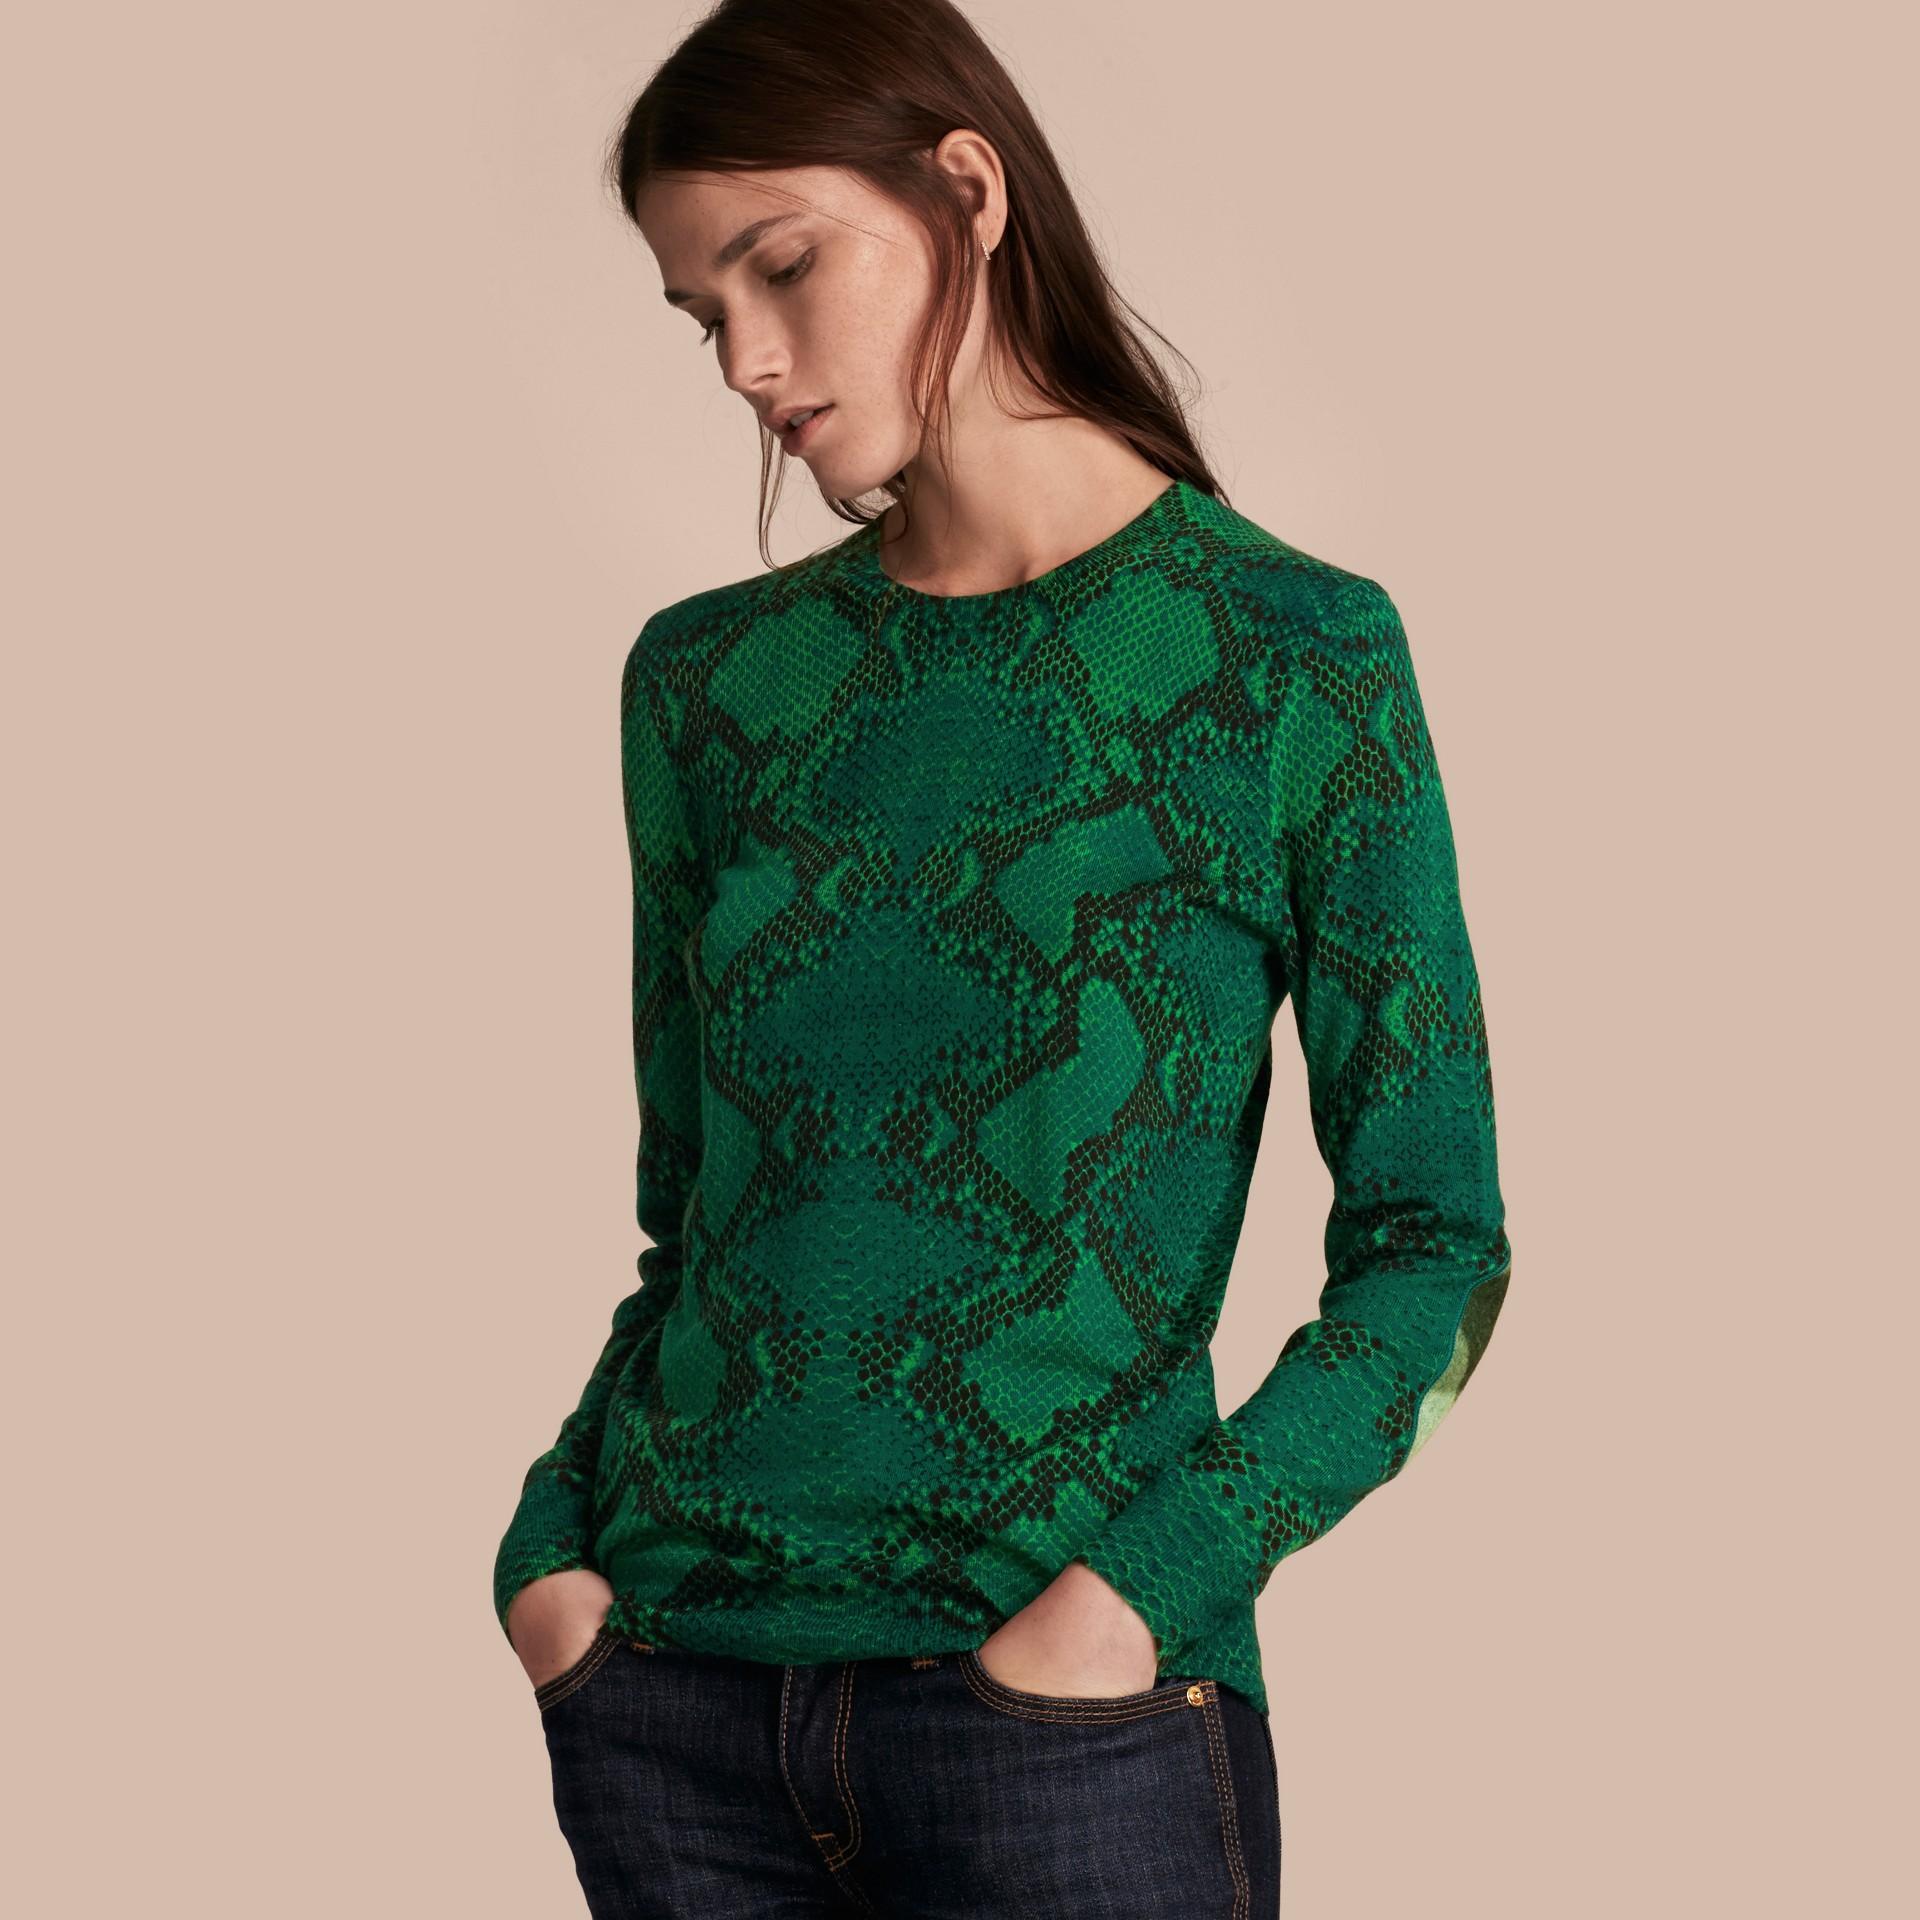 顏料綠 格紋裝飾蟒紋美麗諾羊毛套頭衫 顏料綠 - 圖庫照片 1